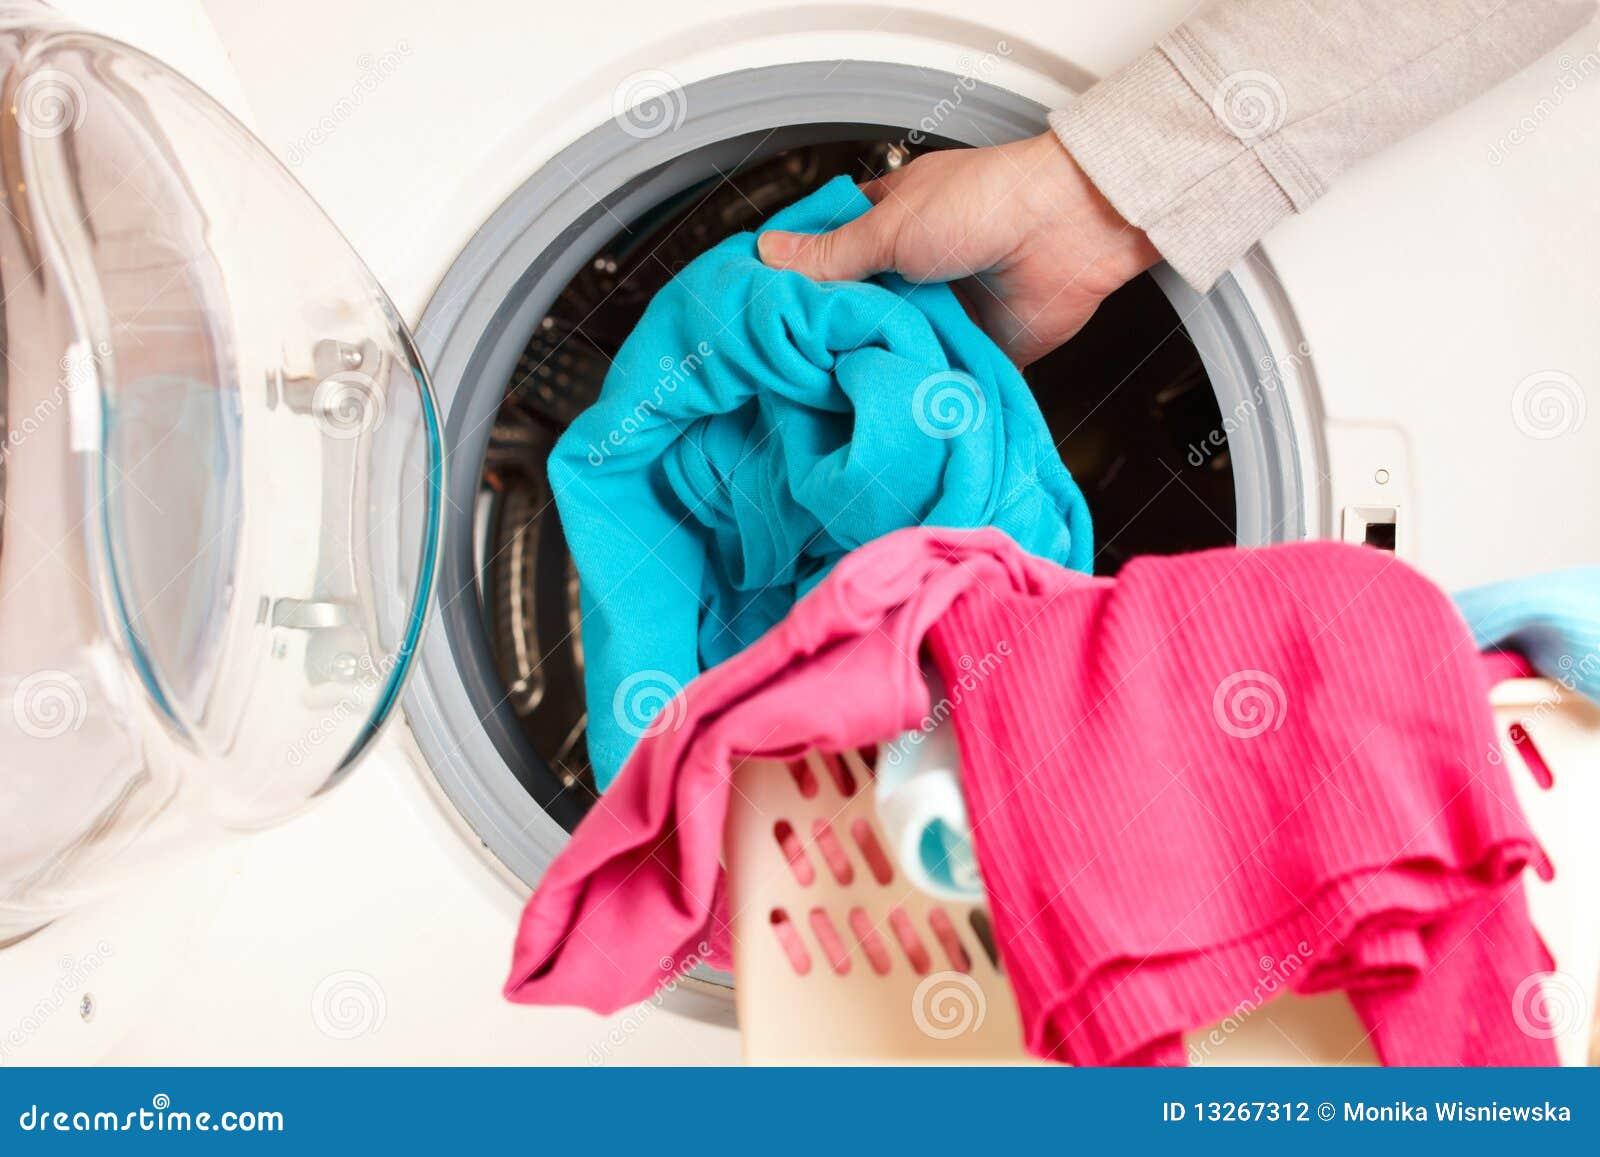 Lavadora con ropa colorida